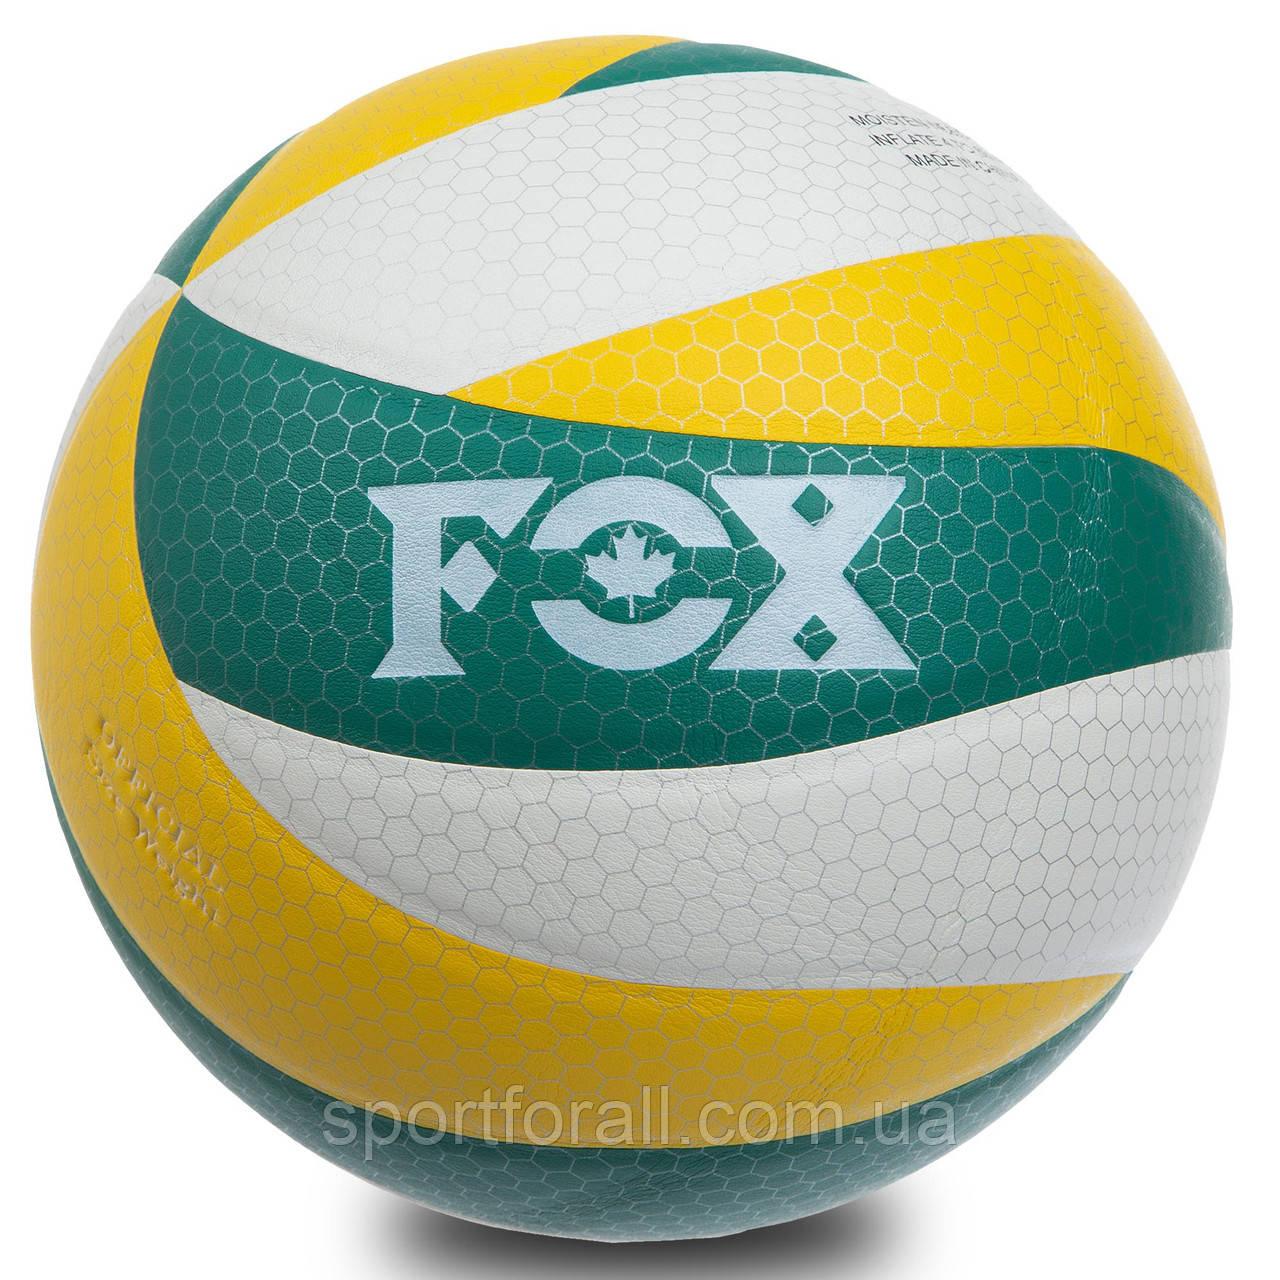 М'яч волейбольний Клеєний PU FOX (PU з сотами, №5, 5 сл., клеєний) SD-V8000